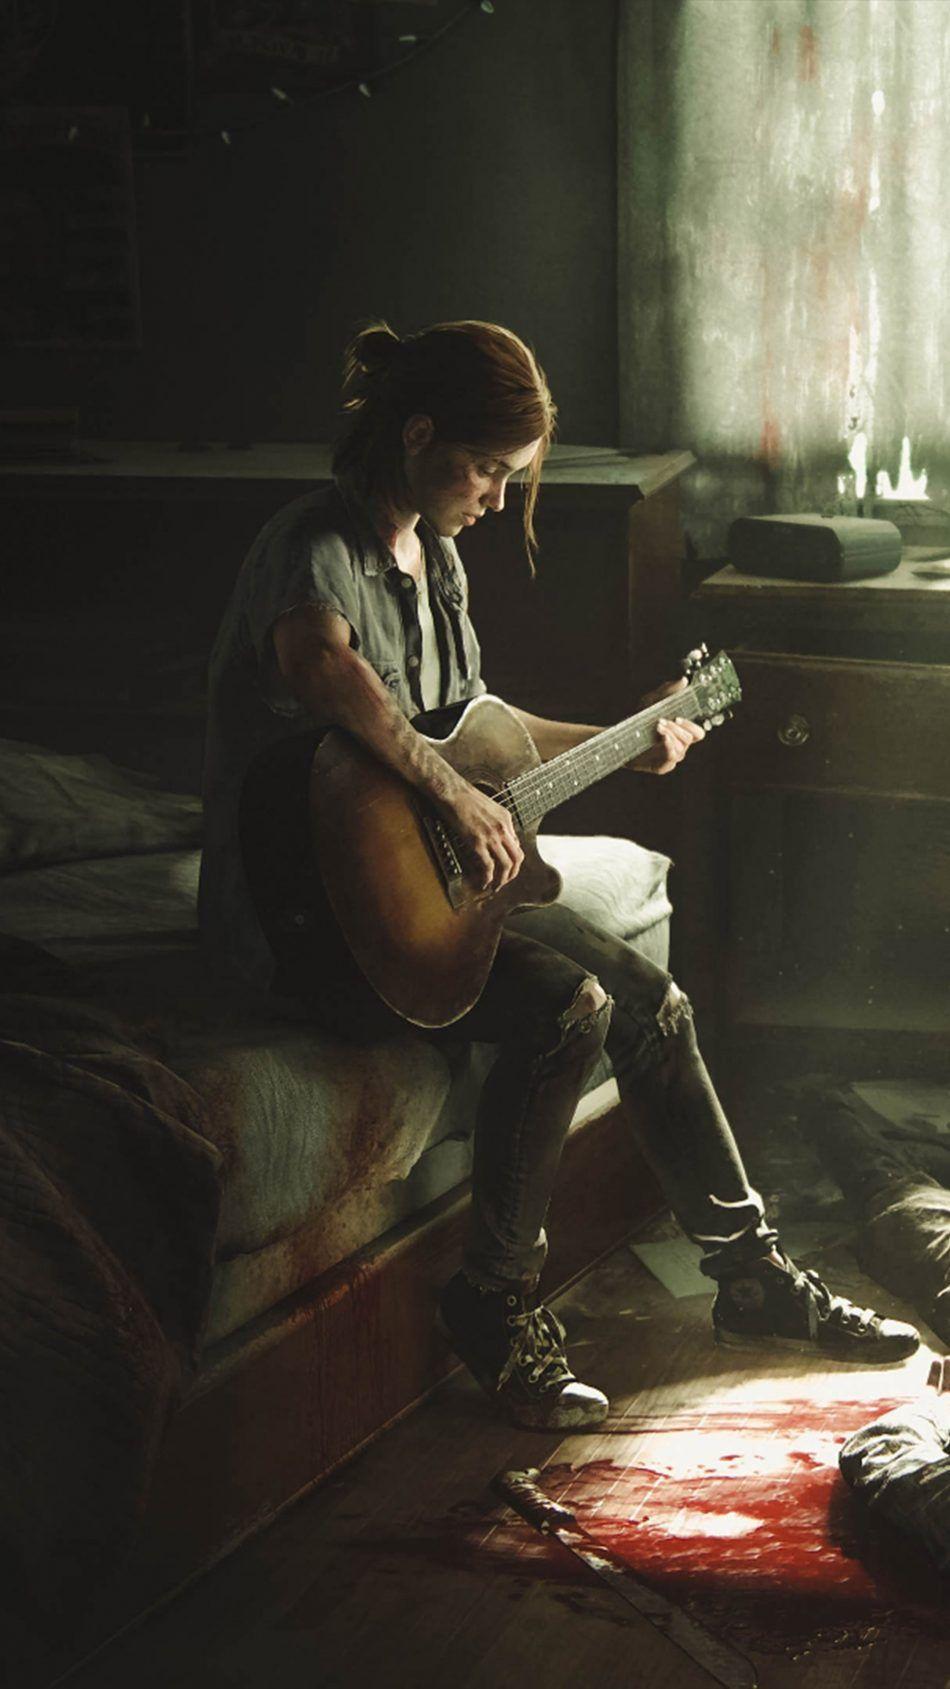 Ellie The Last Of Us Ii The Last Of Us2 Art Game Art